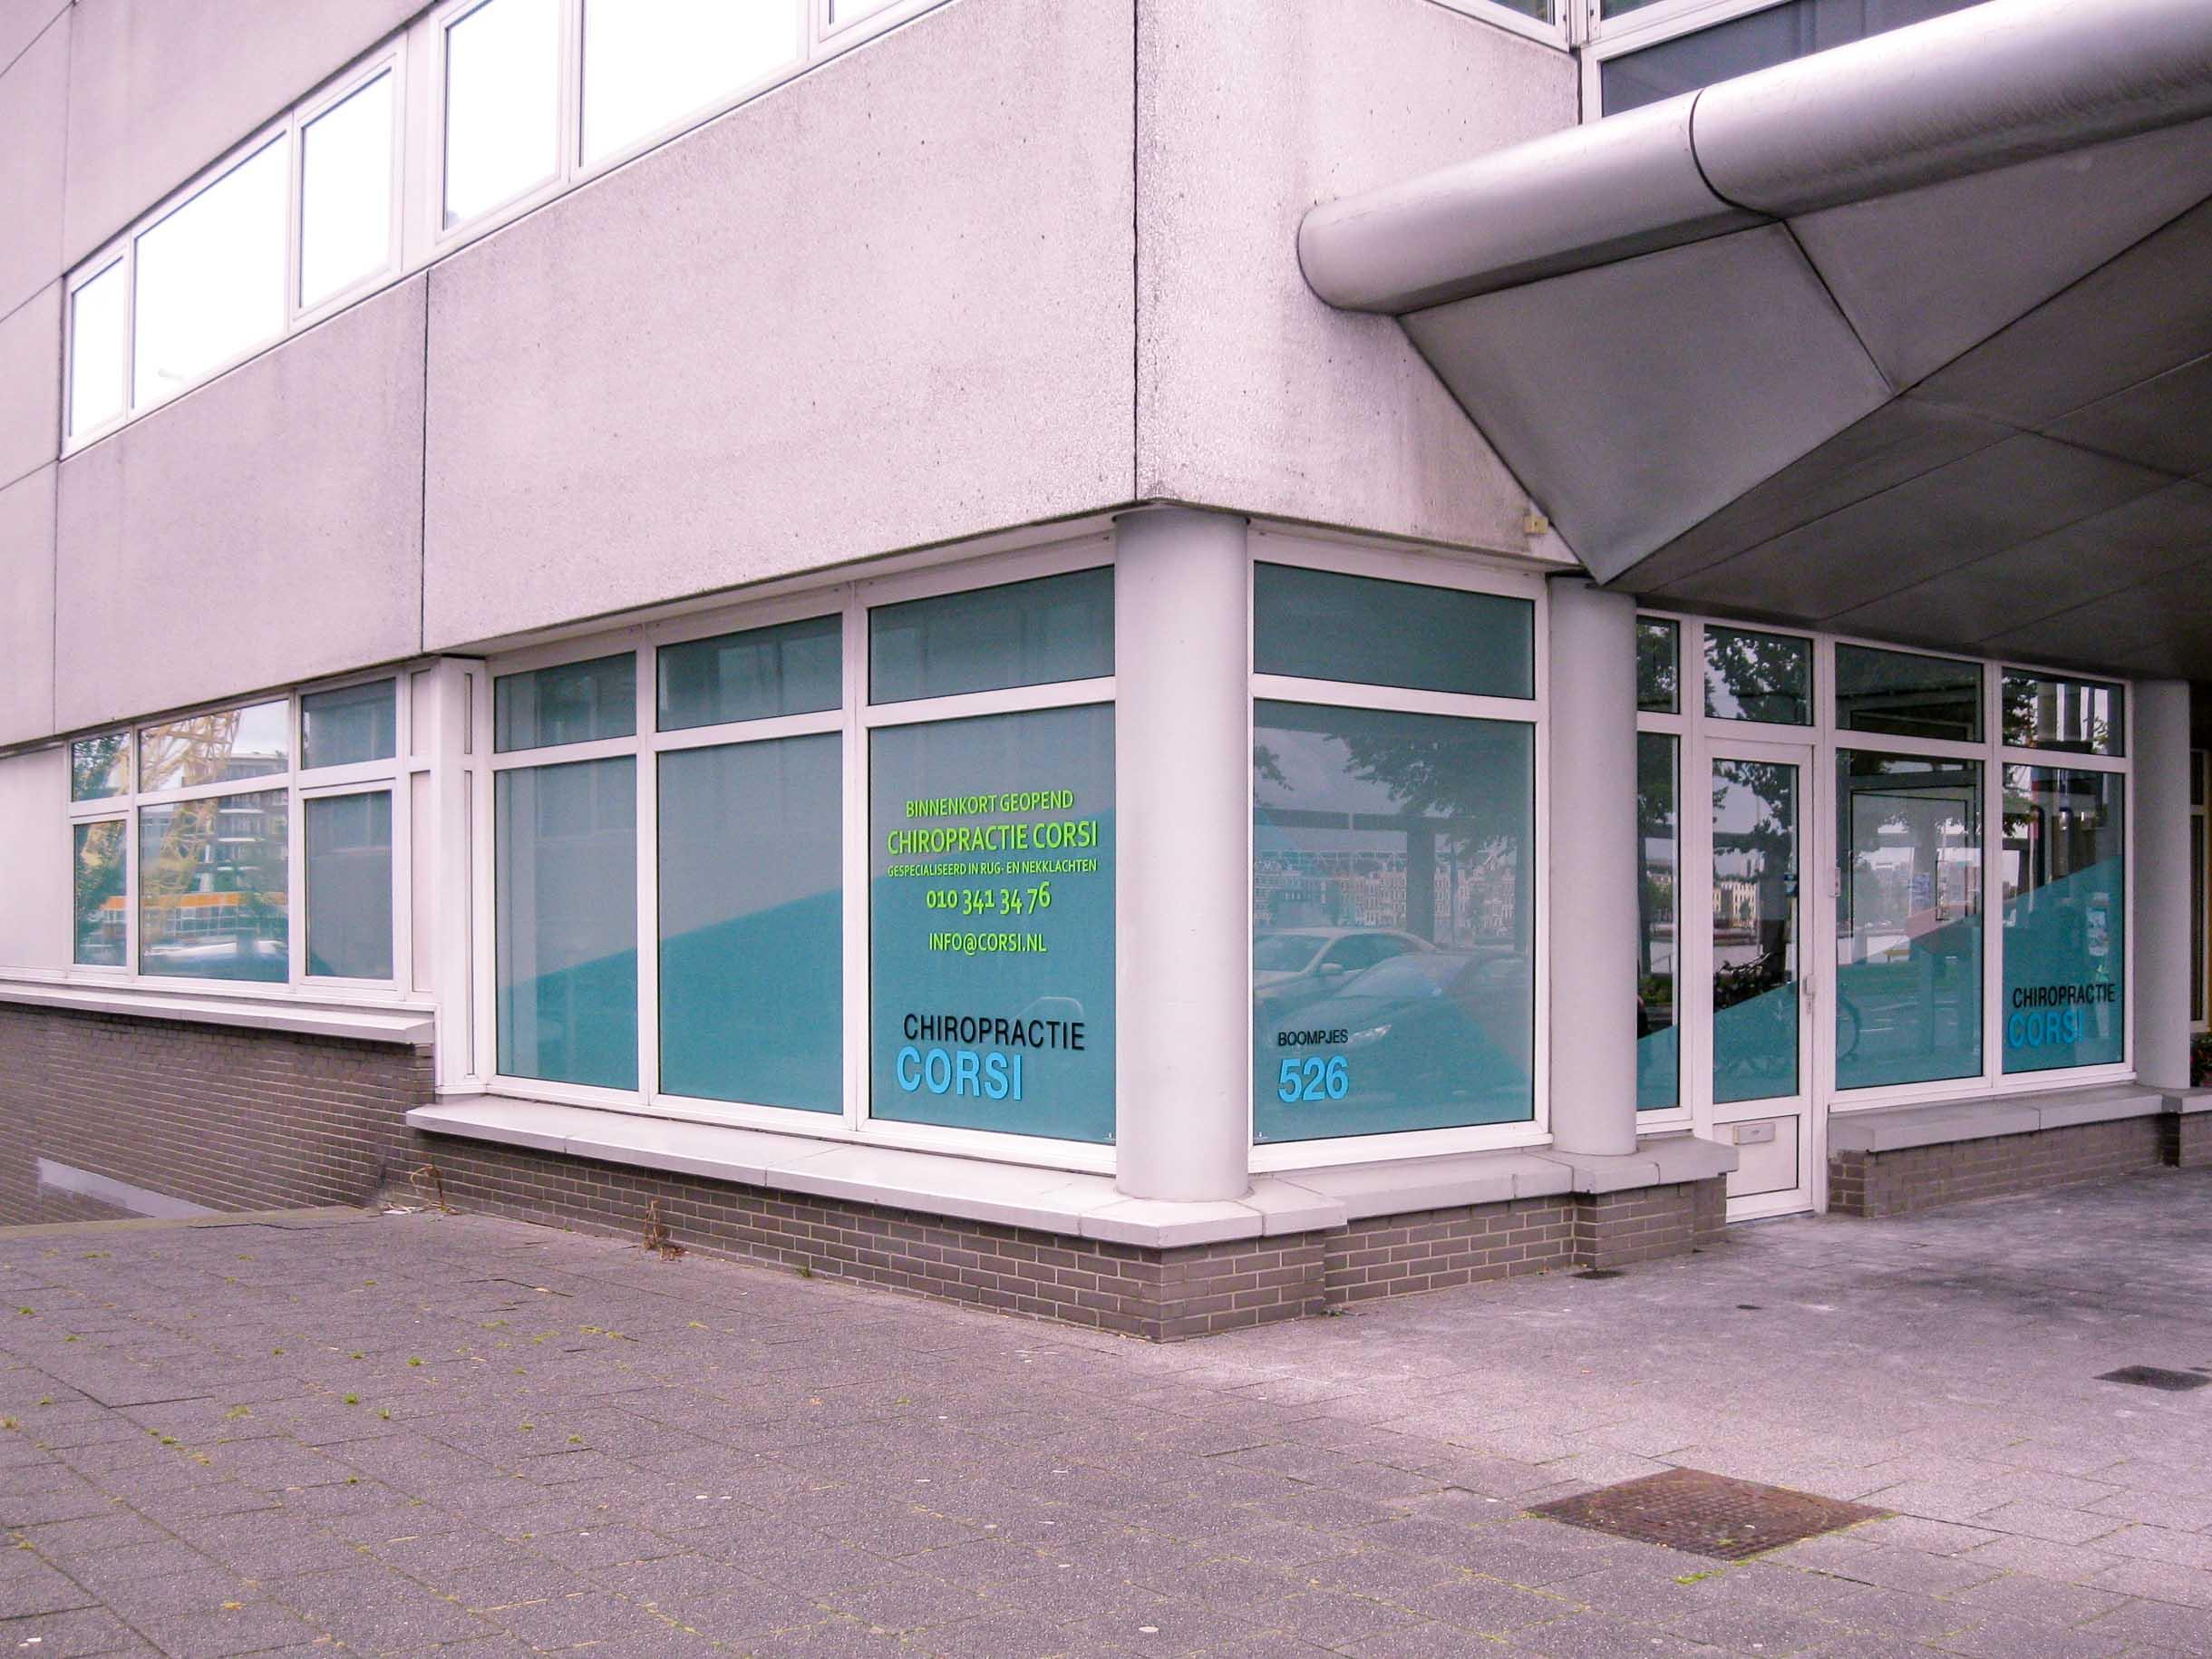 Raambelettering Chiropractie Corsi, Rotterdam